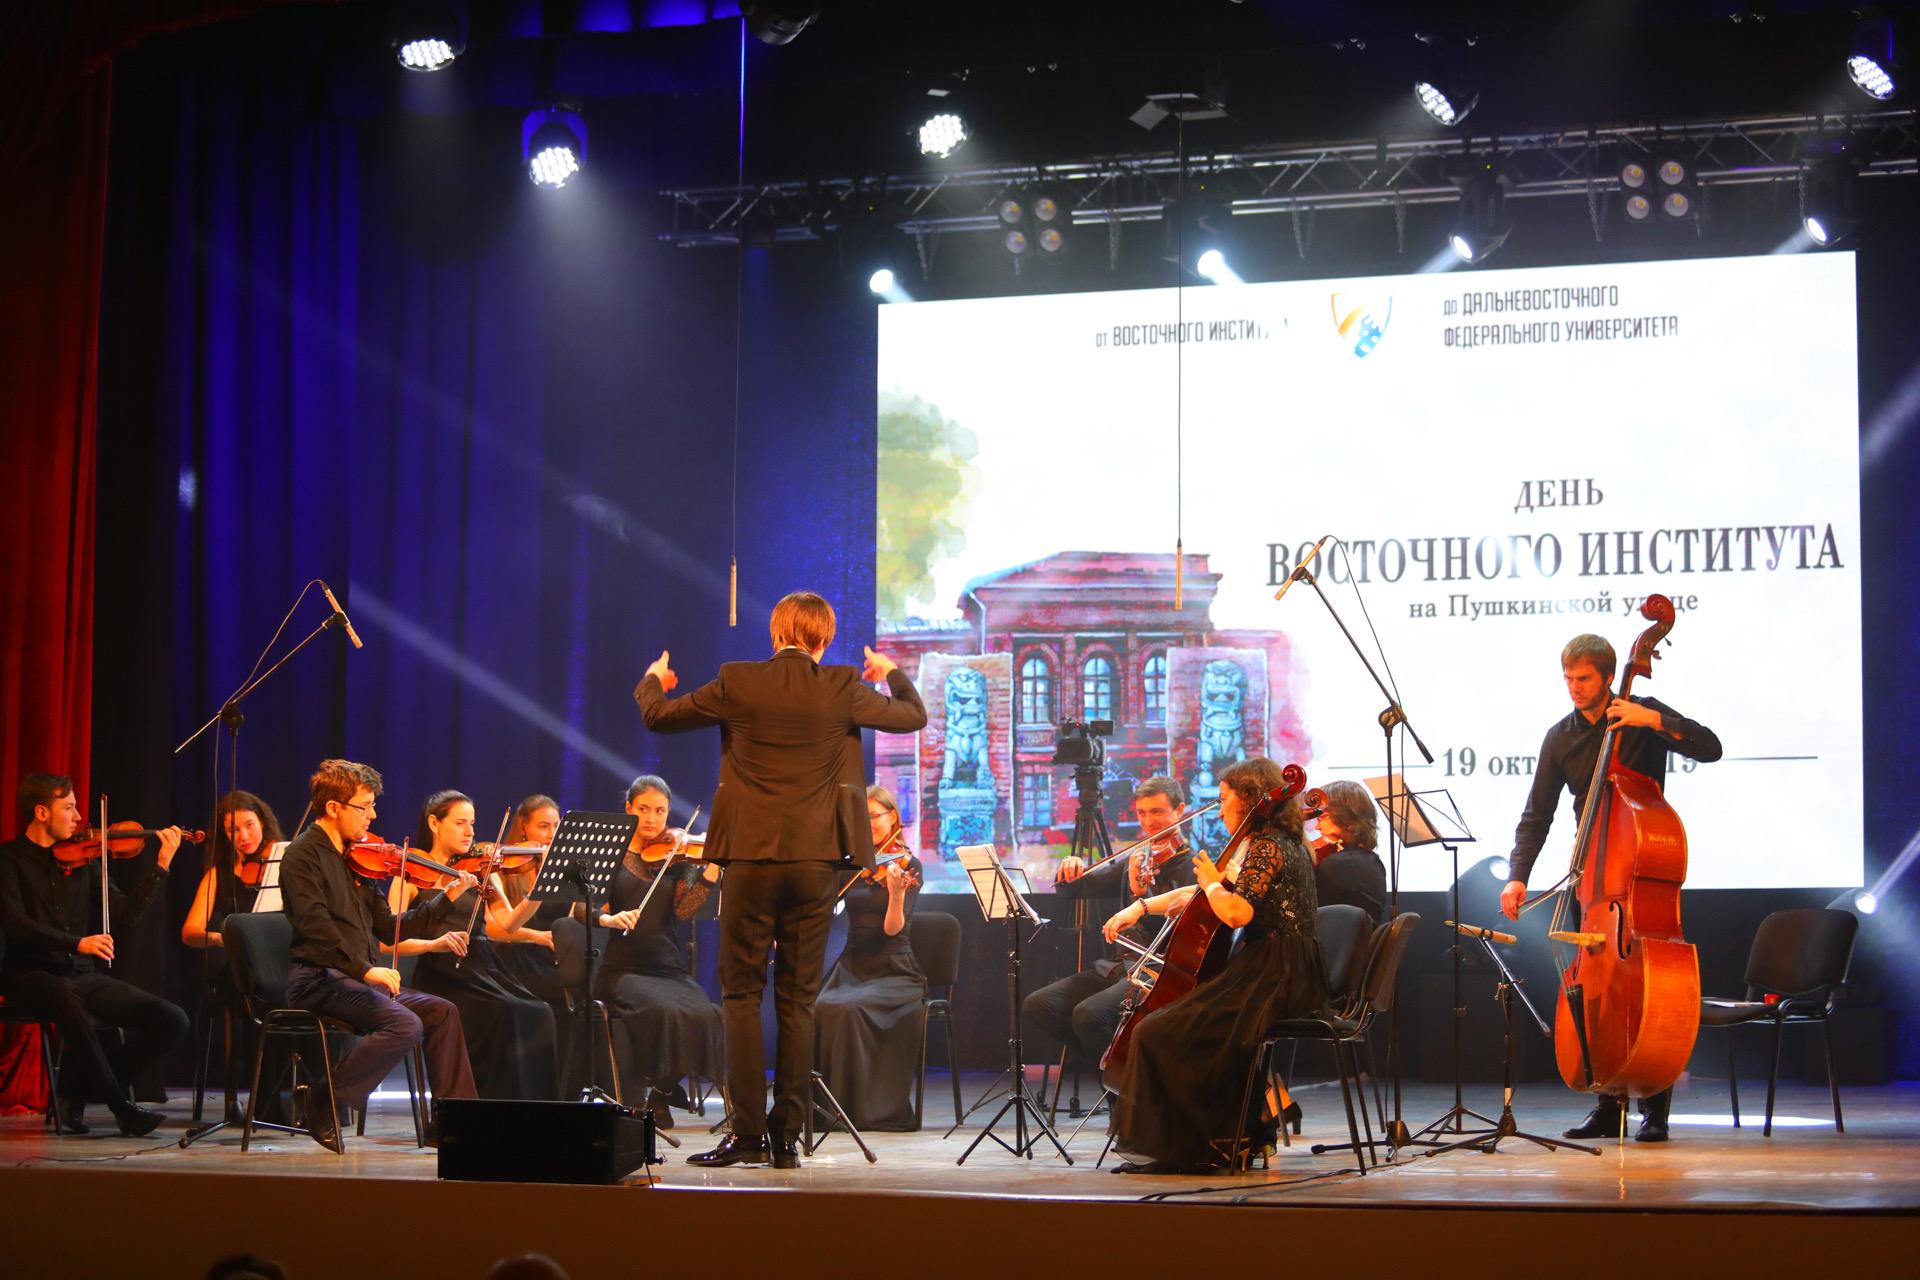 120-летие Дальневосточного федерального университета празднуют во Владивостоке